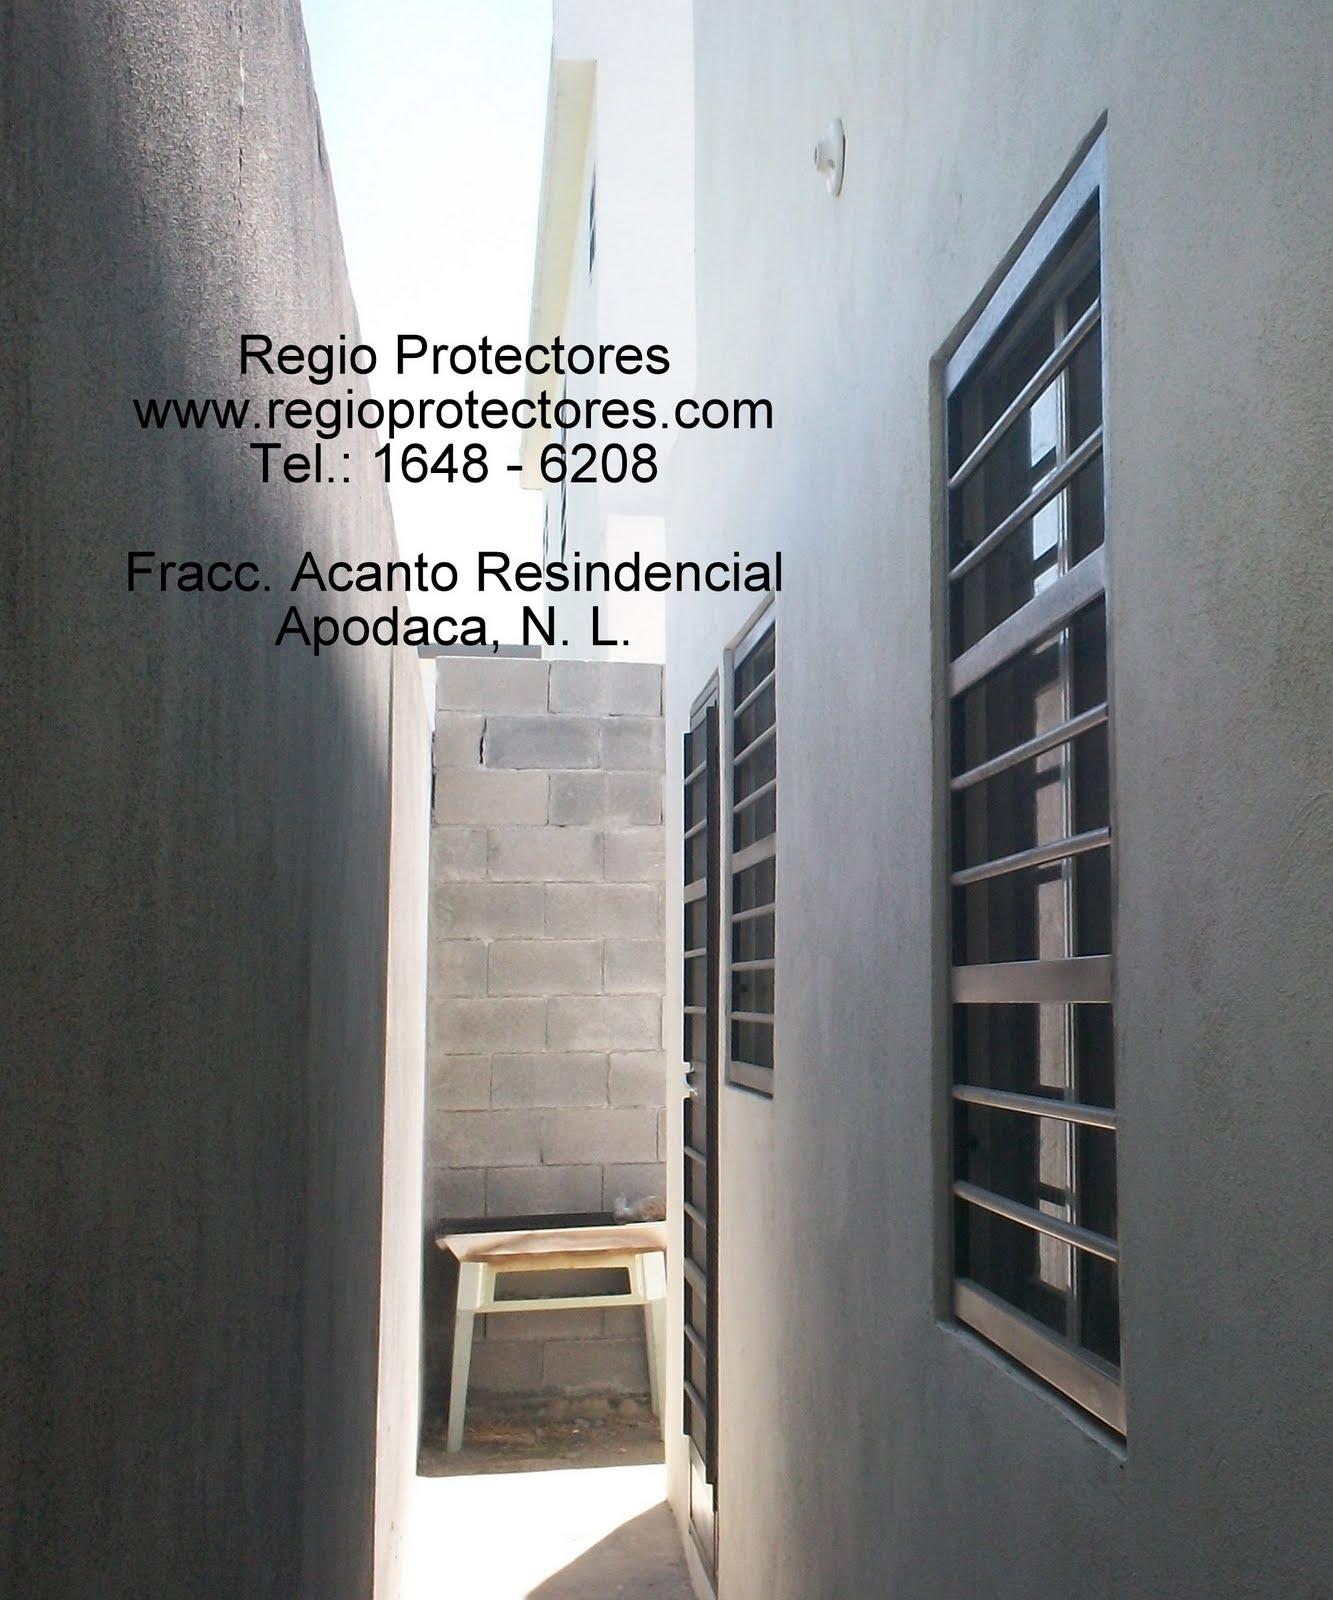 Protectores para ventanas, Fracc. Acanto, Apodaca 03